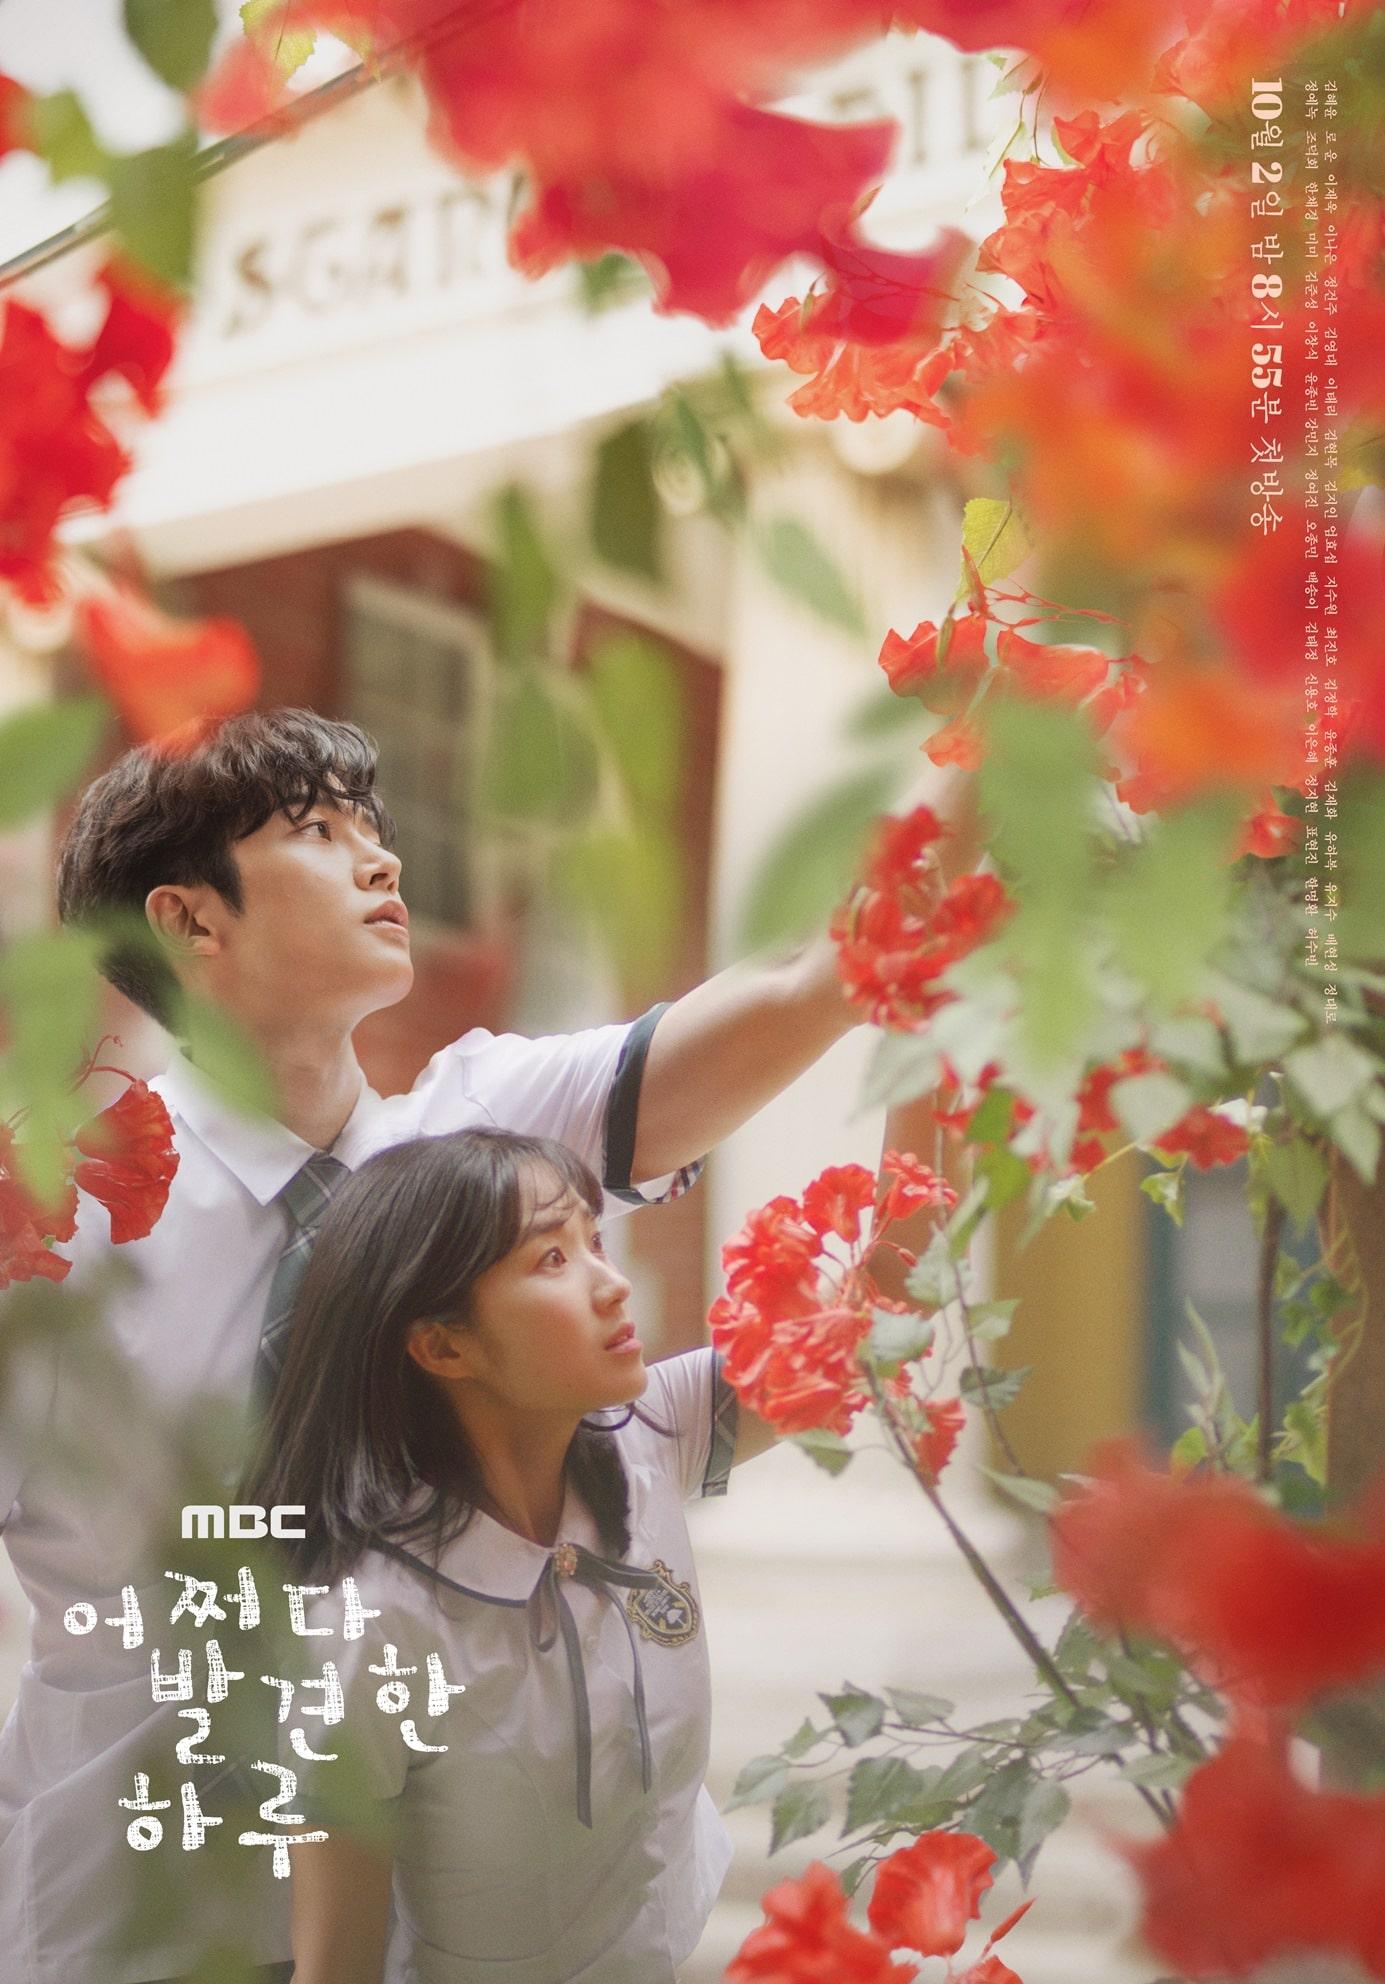 phim Hàn extraordinary you